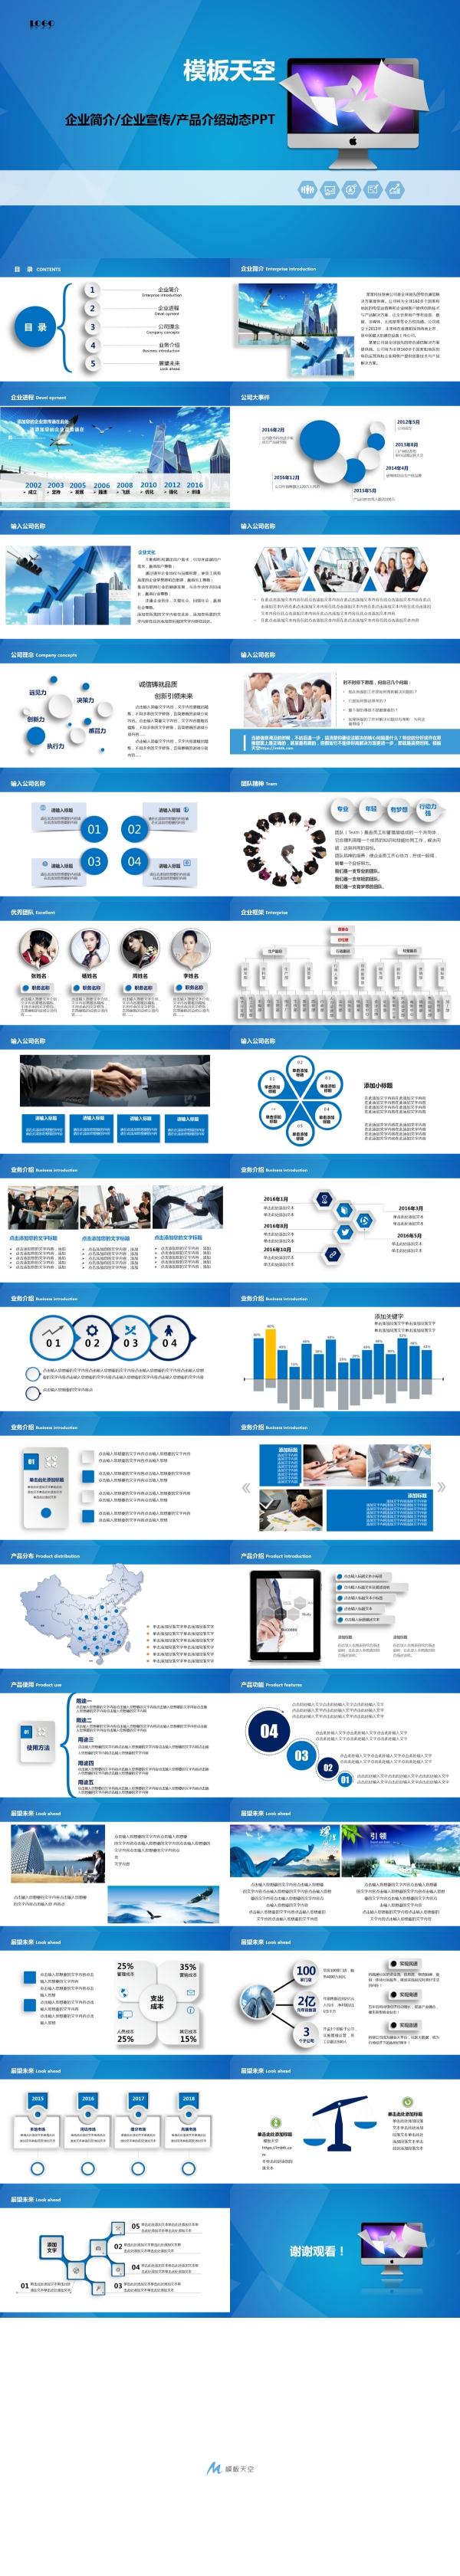 企业介绍及展望未来的计划书PPT模板